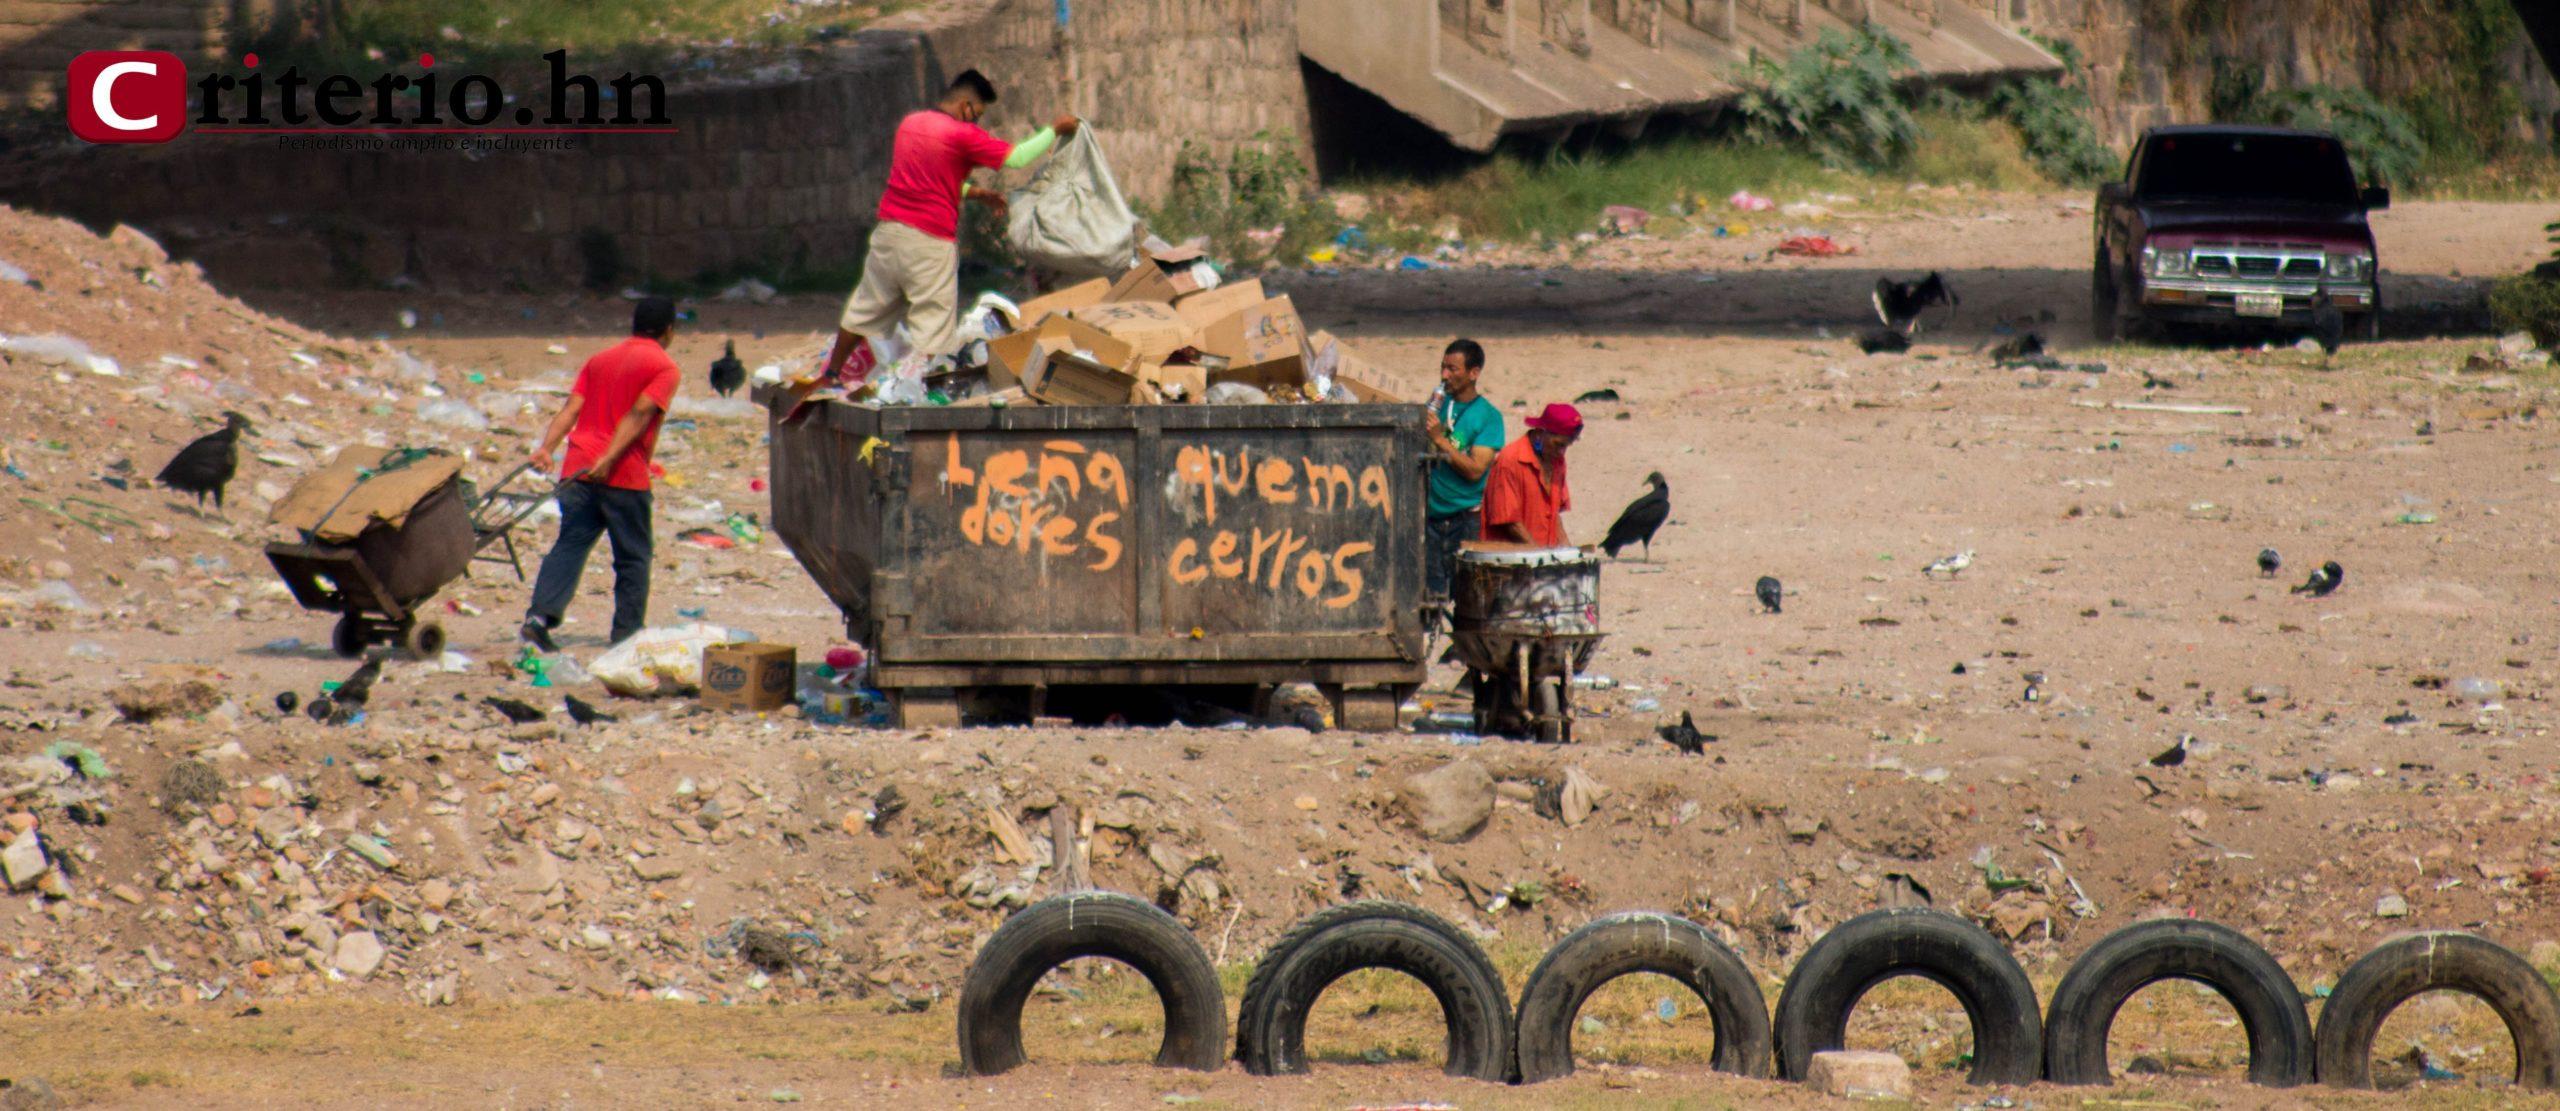 La calle: el hogar que espera a muchos hondureños durante y después de la pandemia